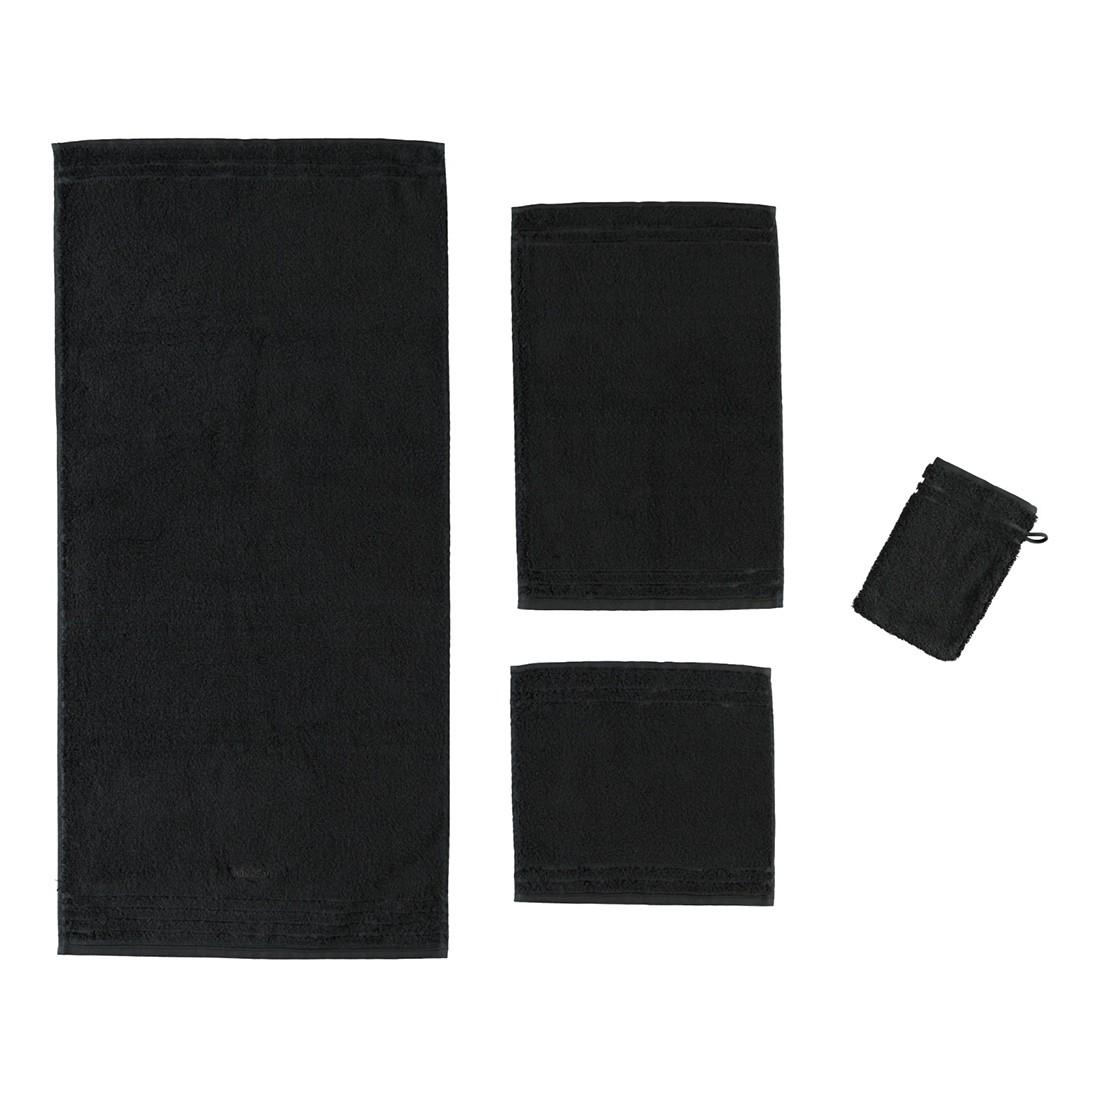 Handtuch Vienna Style Supersoft – 100% Baumwolle Schwarz – 790 – Handtuch: 50 x 100 cm, Vossen günstig online kaufen